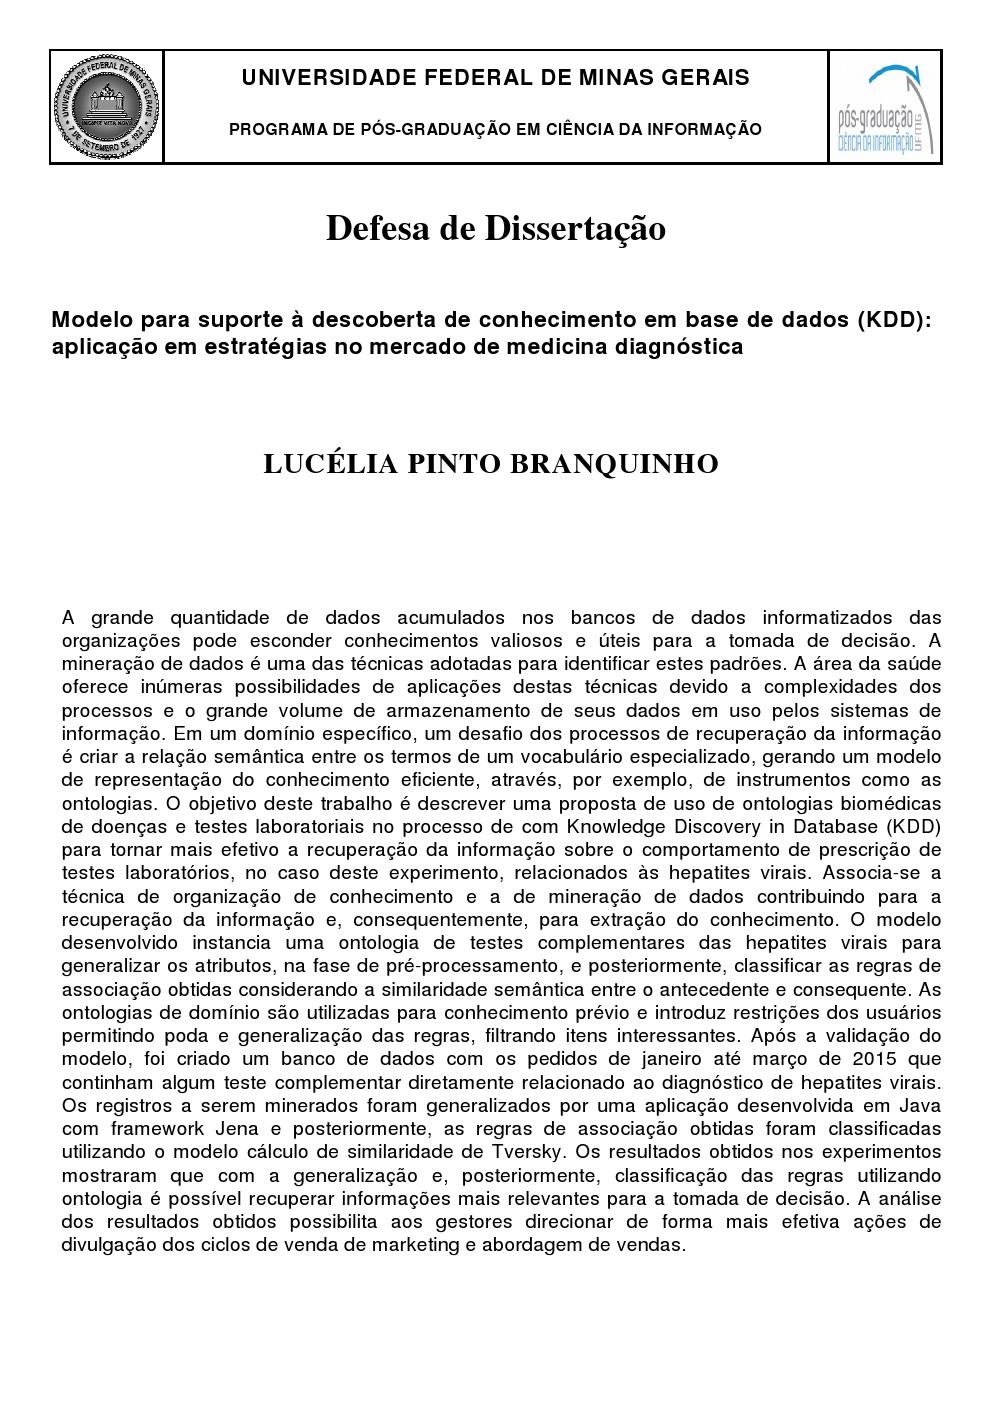 Defesa de Dissertação Lucélia Pinto Branquinho